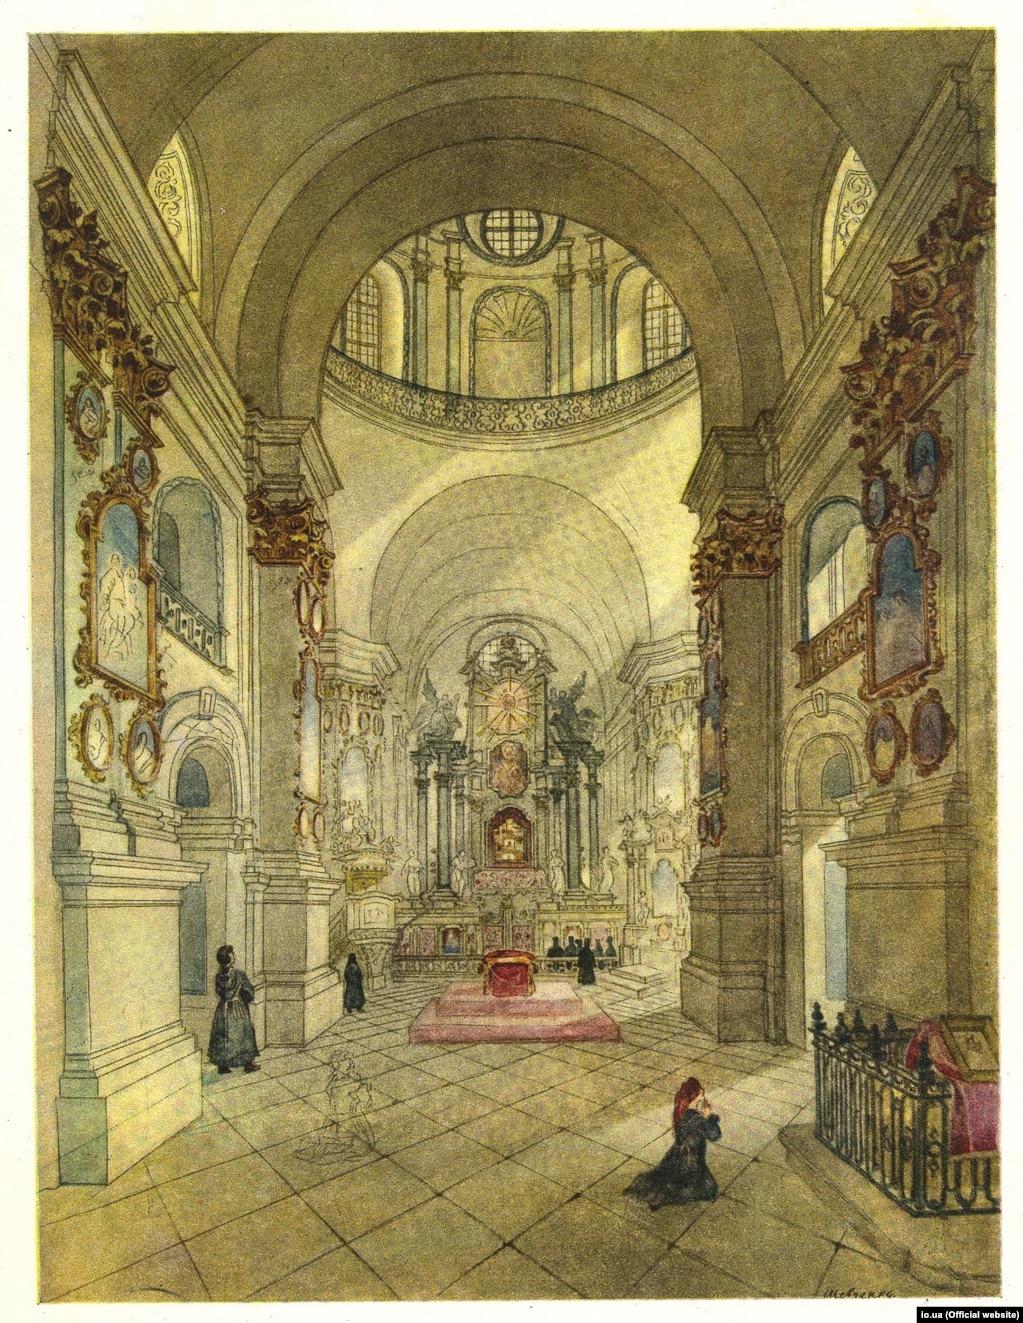 Тарас Шевченко «Собор Почаївської Лаври» (внутрішній вигляд), акварель, 1846 рік